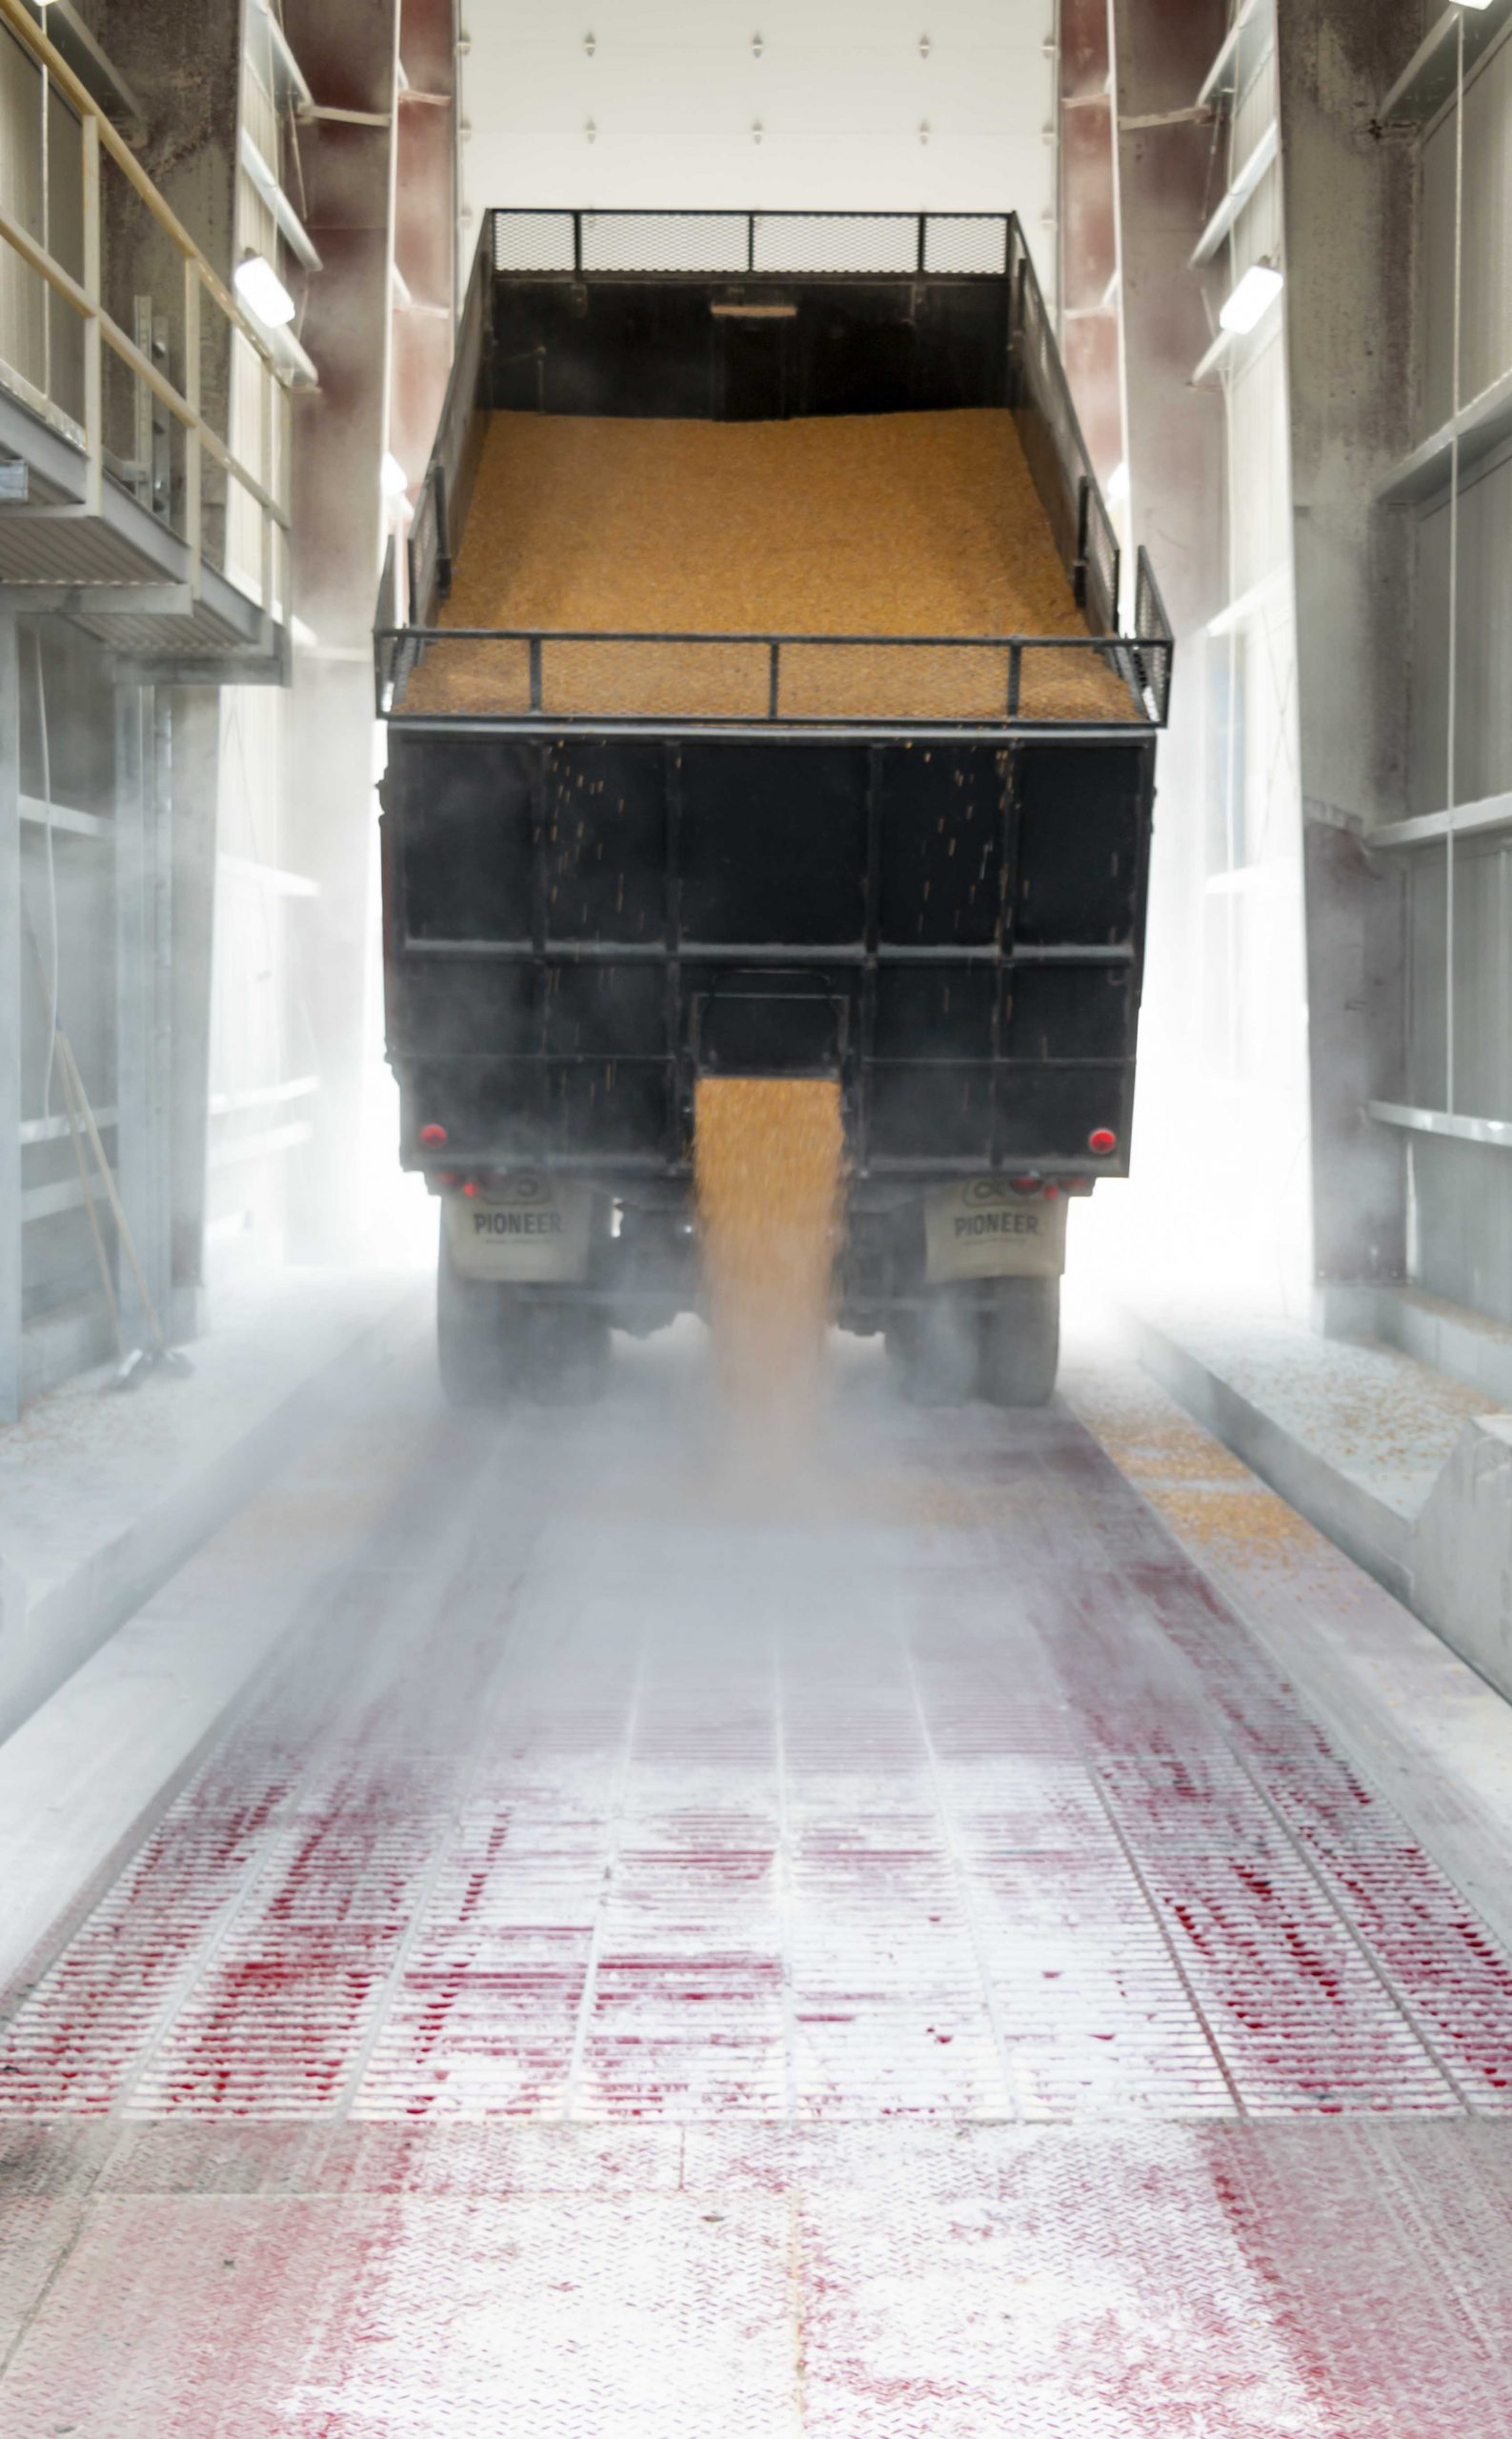 grain processors